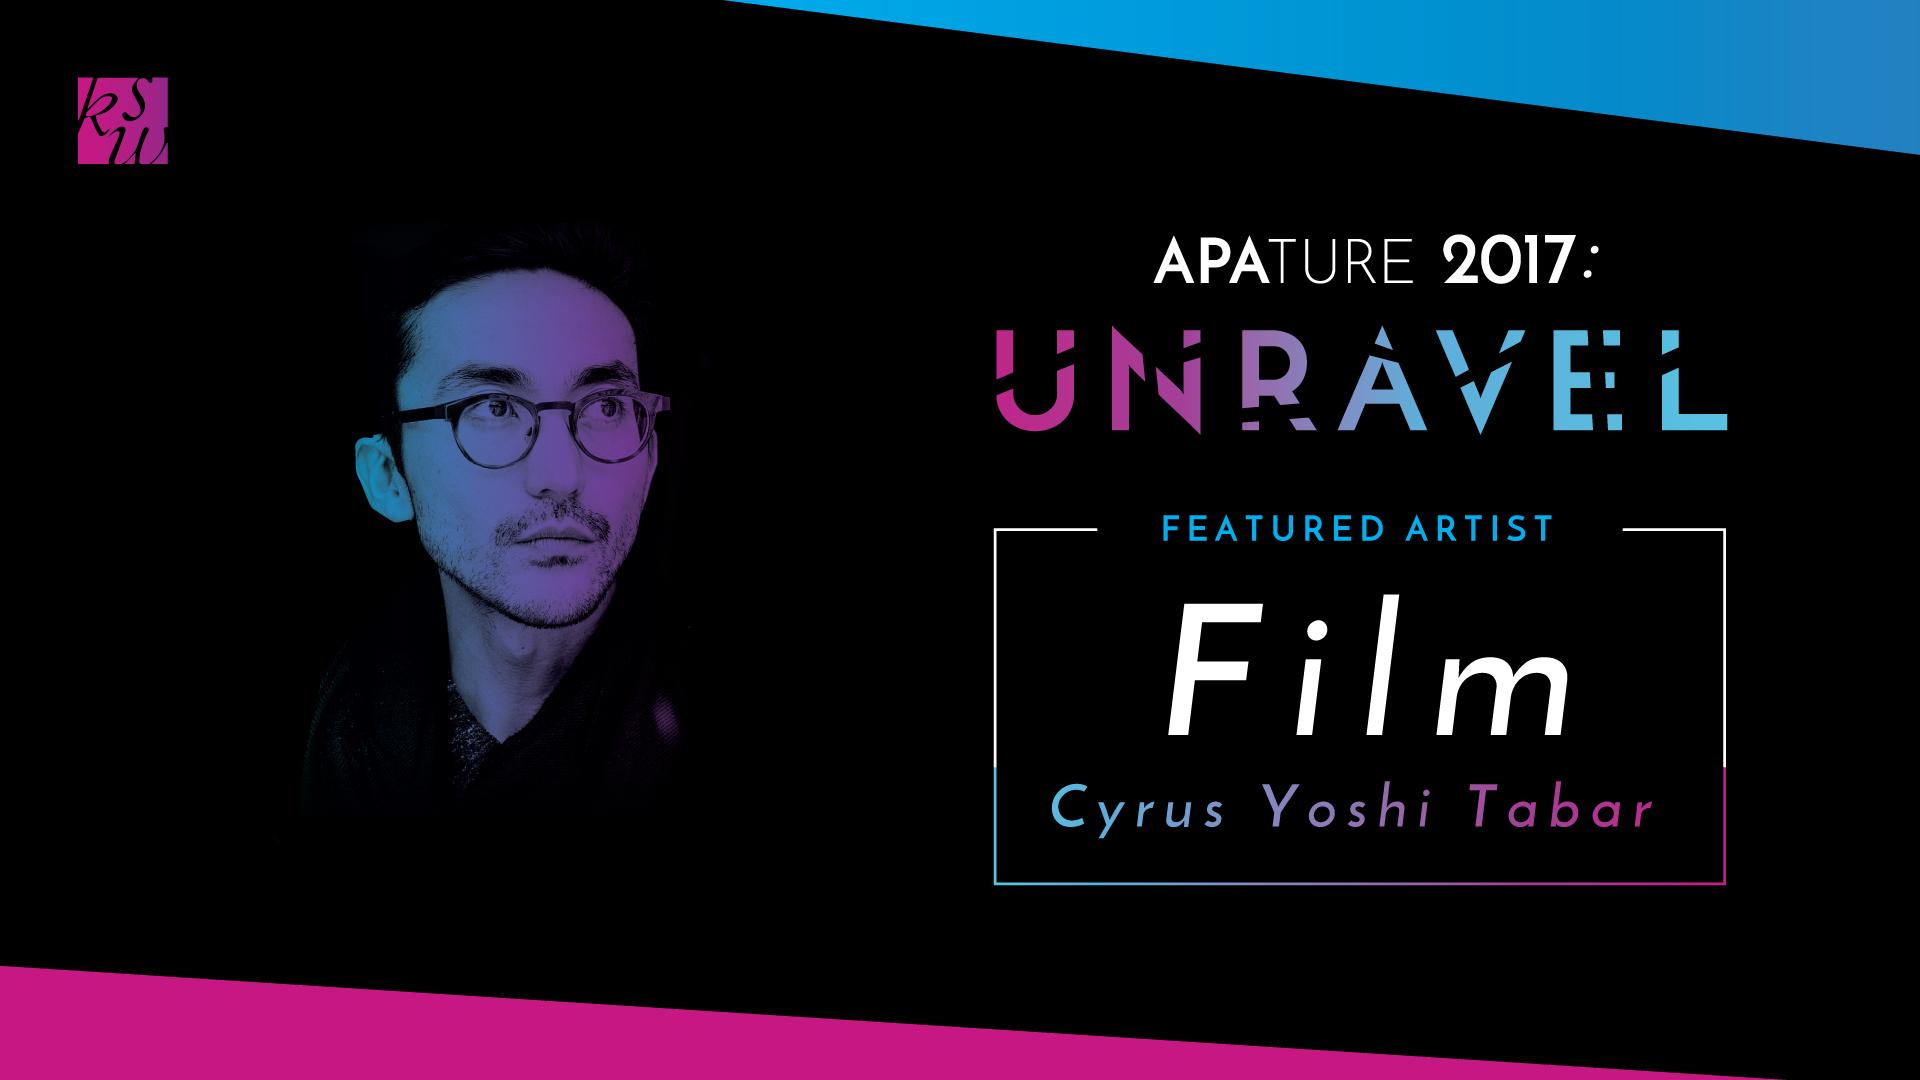 04_unravel_social_media_event_banner_film.jpg